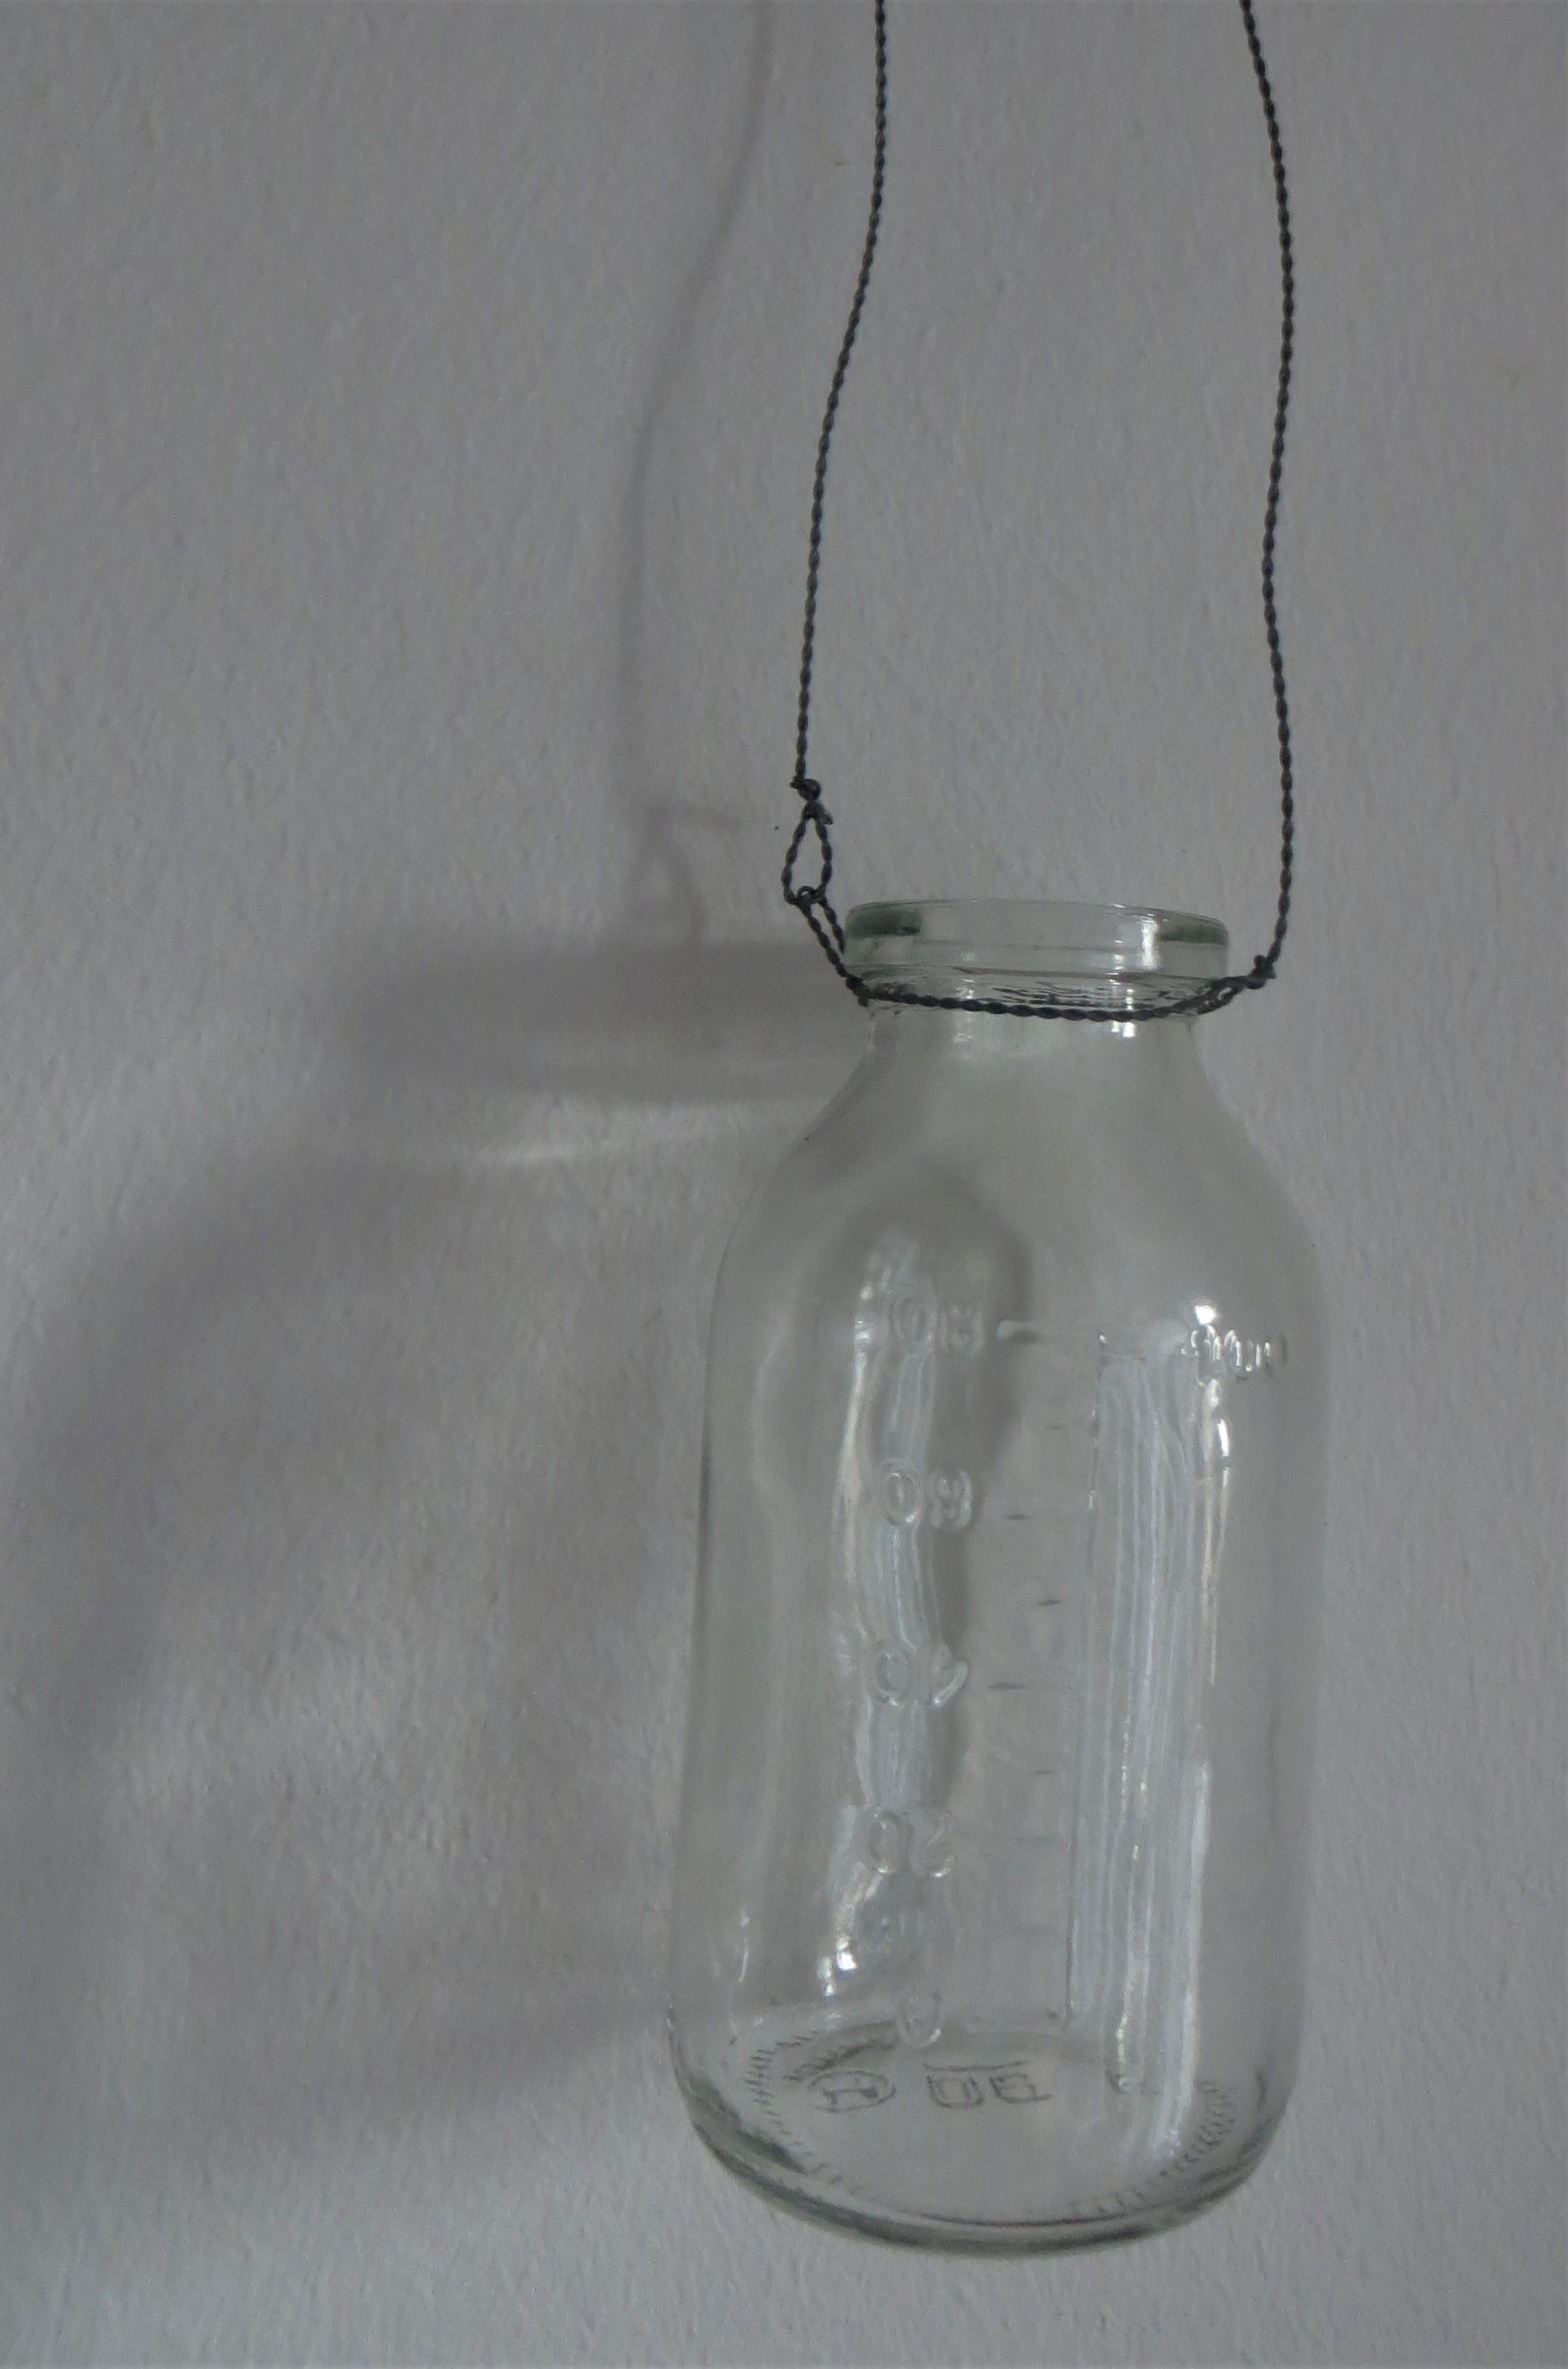 Nützlichdekoration - Hängeflasche Vase VL Home Collection - Onlineshop Tante Emmer